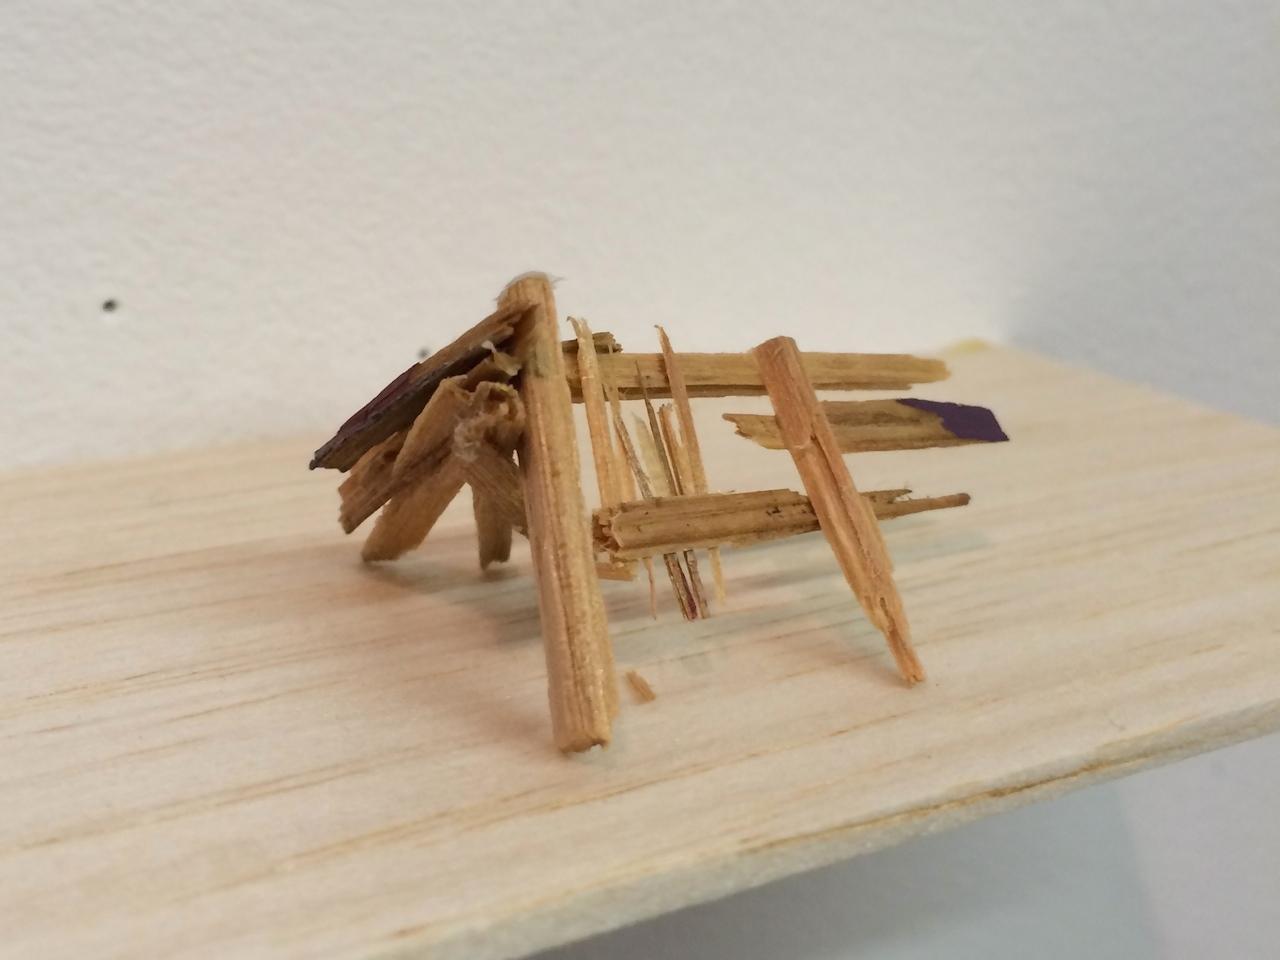 A sculpture made from wood splinters from Liz Sweibel's pop-up studio at 295 Douglass Street